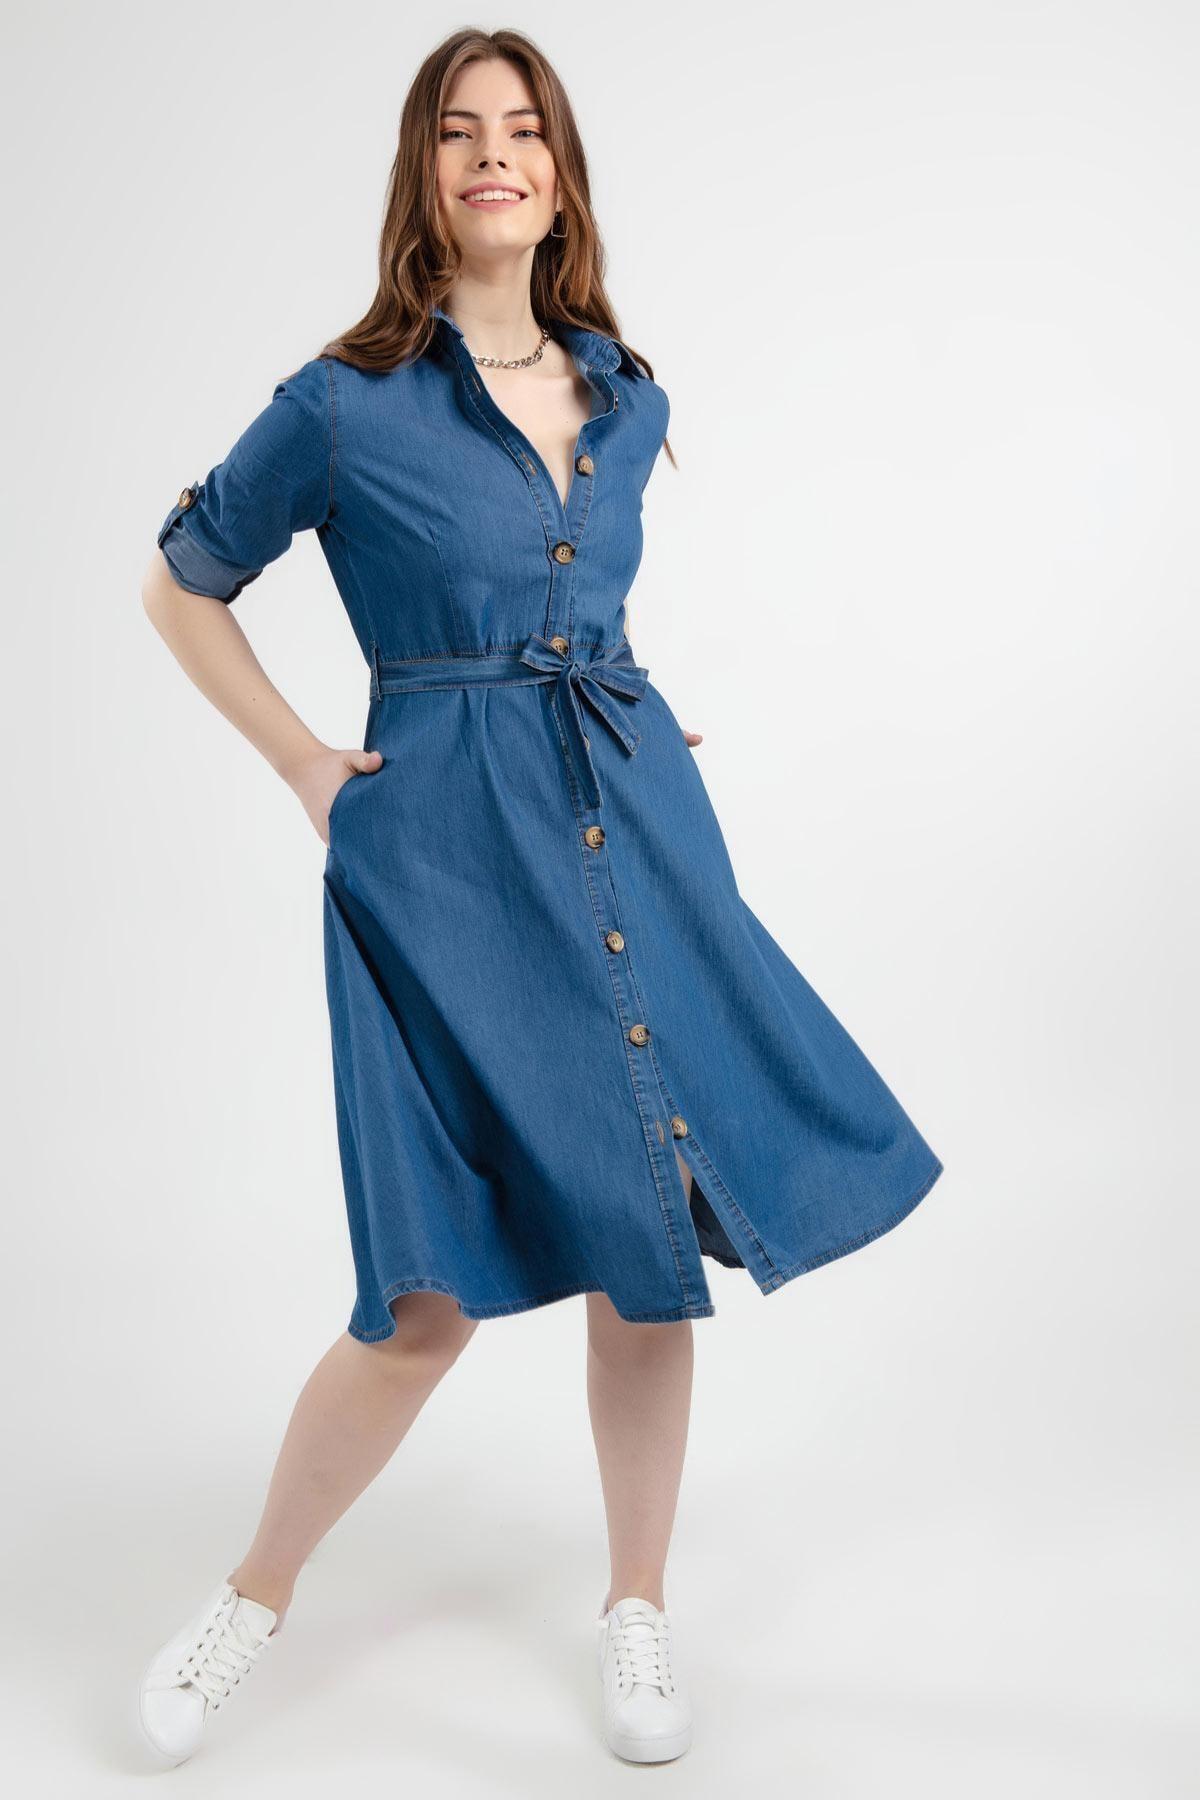 Pattaya Kadın Mavi Kuşaklı Uzun Kollu Kot Gömlek Elbise Y20s110-1924 1